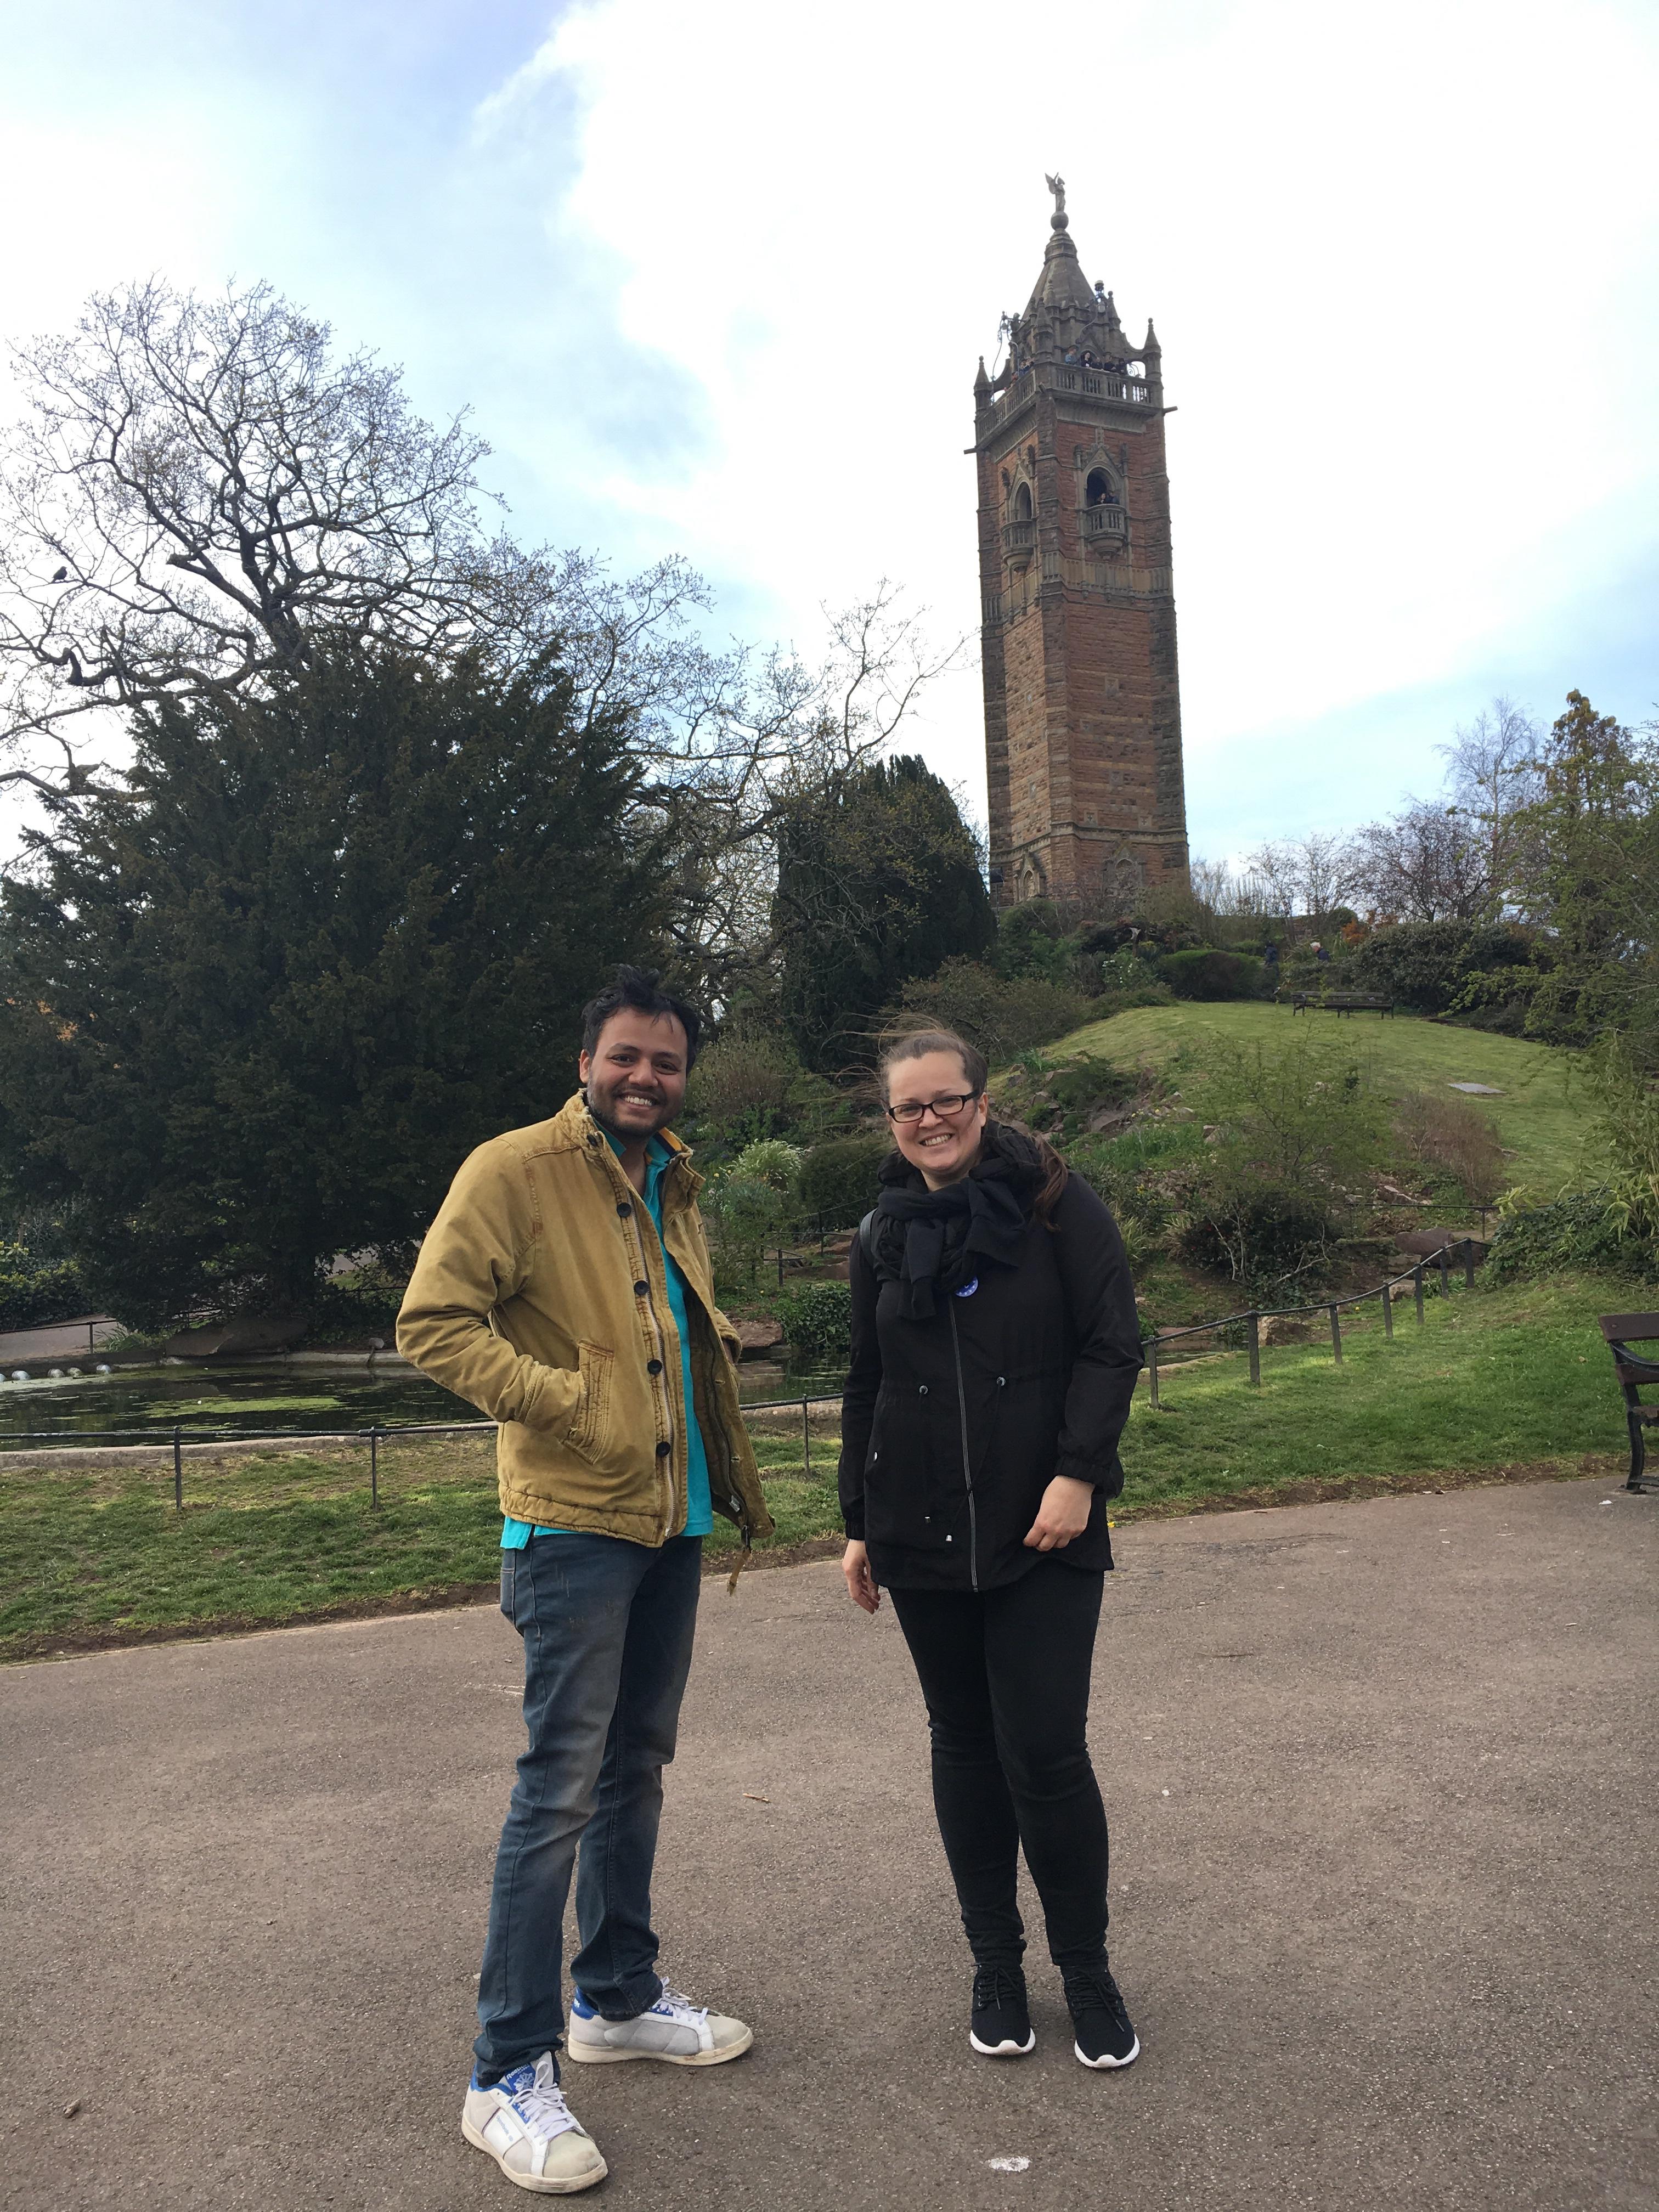 Cabot Tower, Brandon Hill, Bristol, Park, FindYourOwnLight